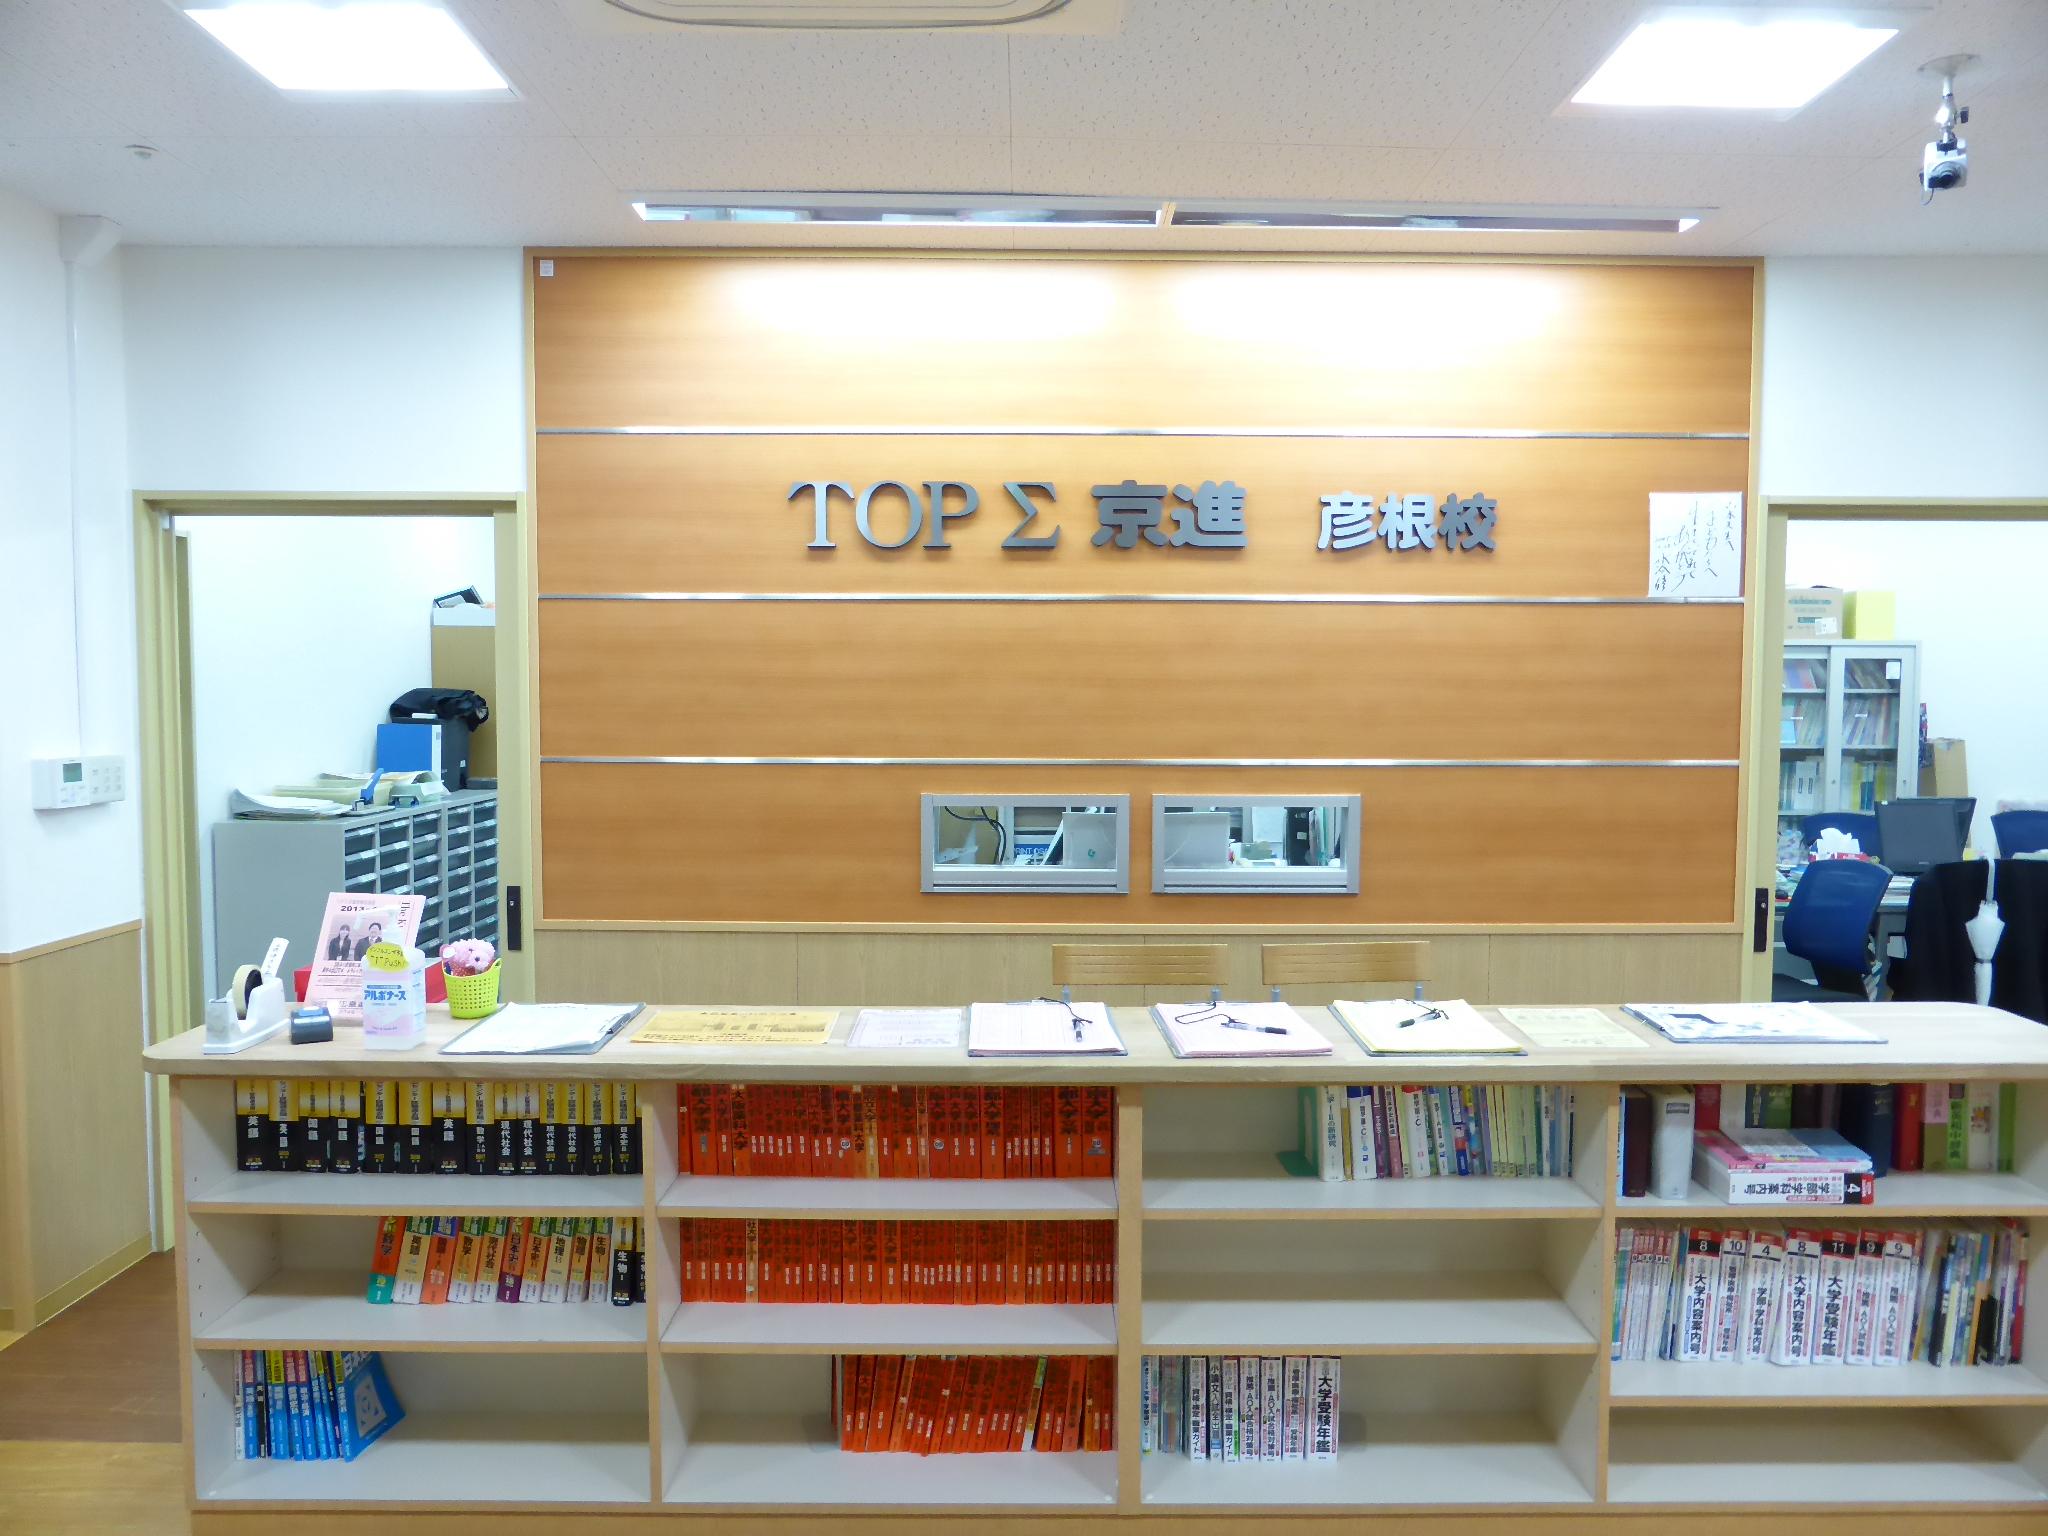 TOPΣ京進 彦根校 - 学習塾の京進